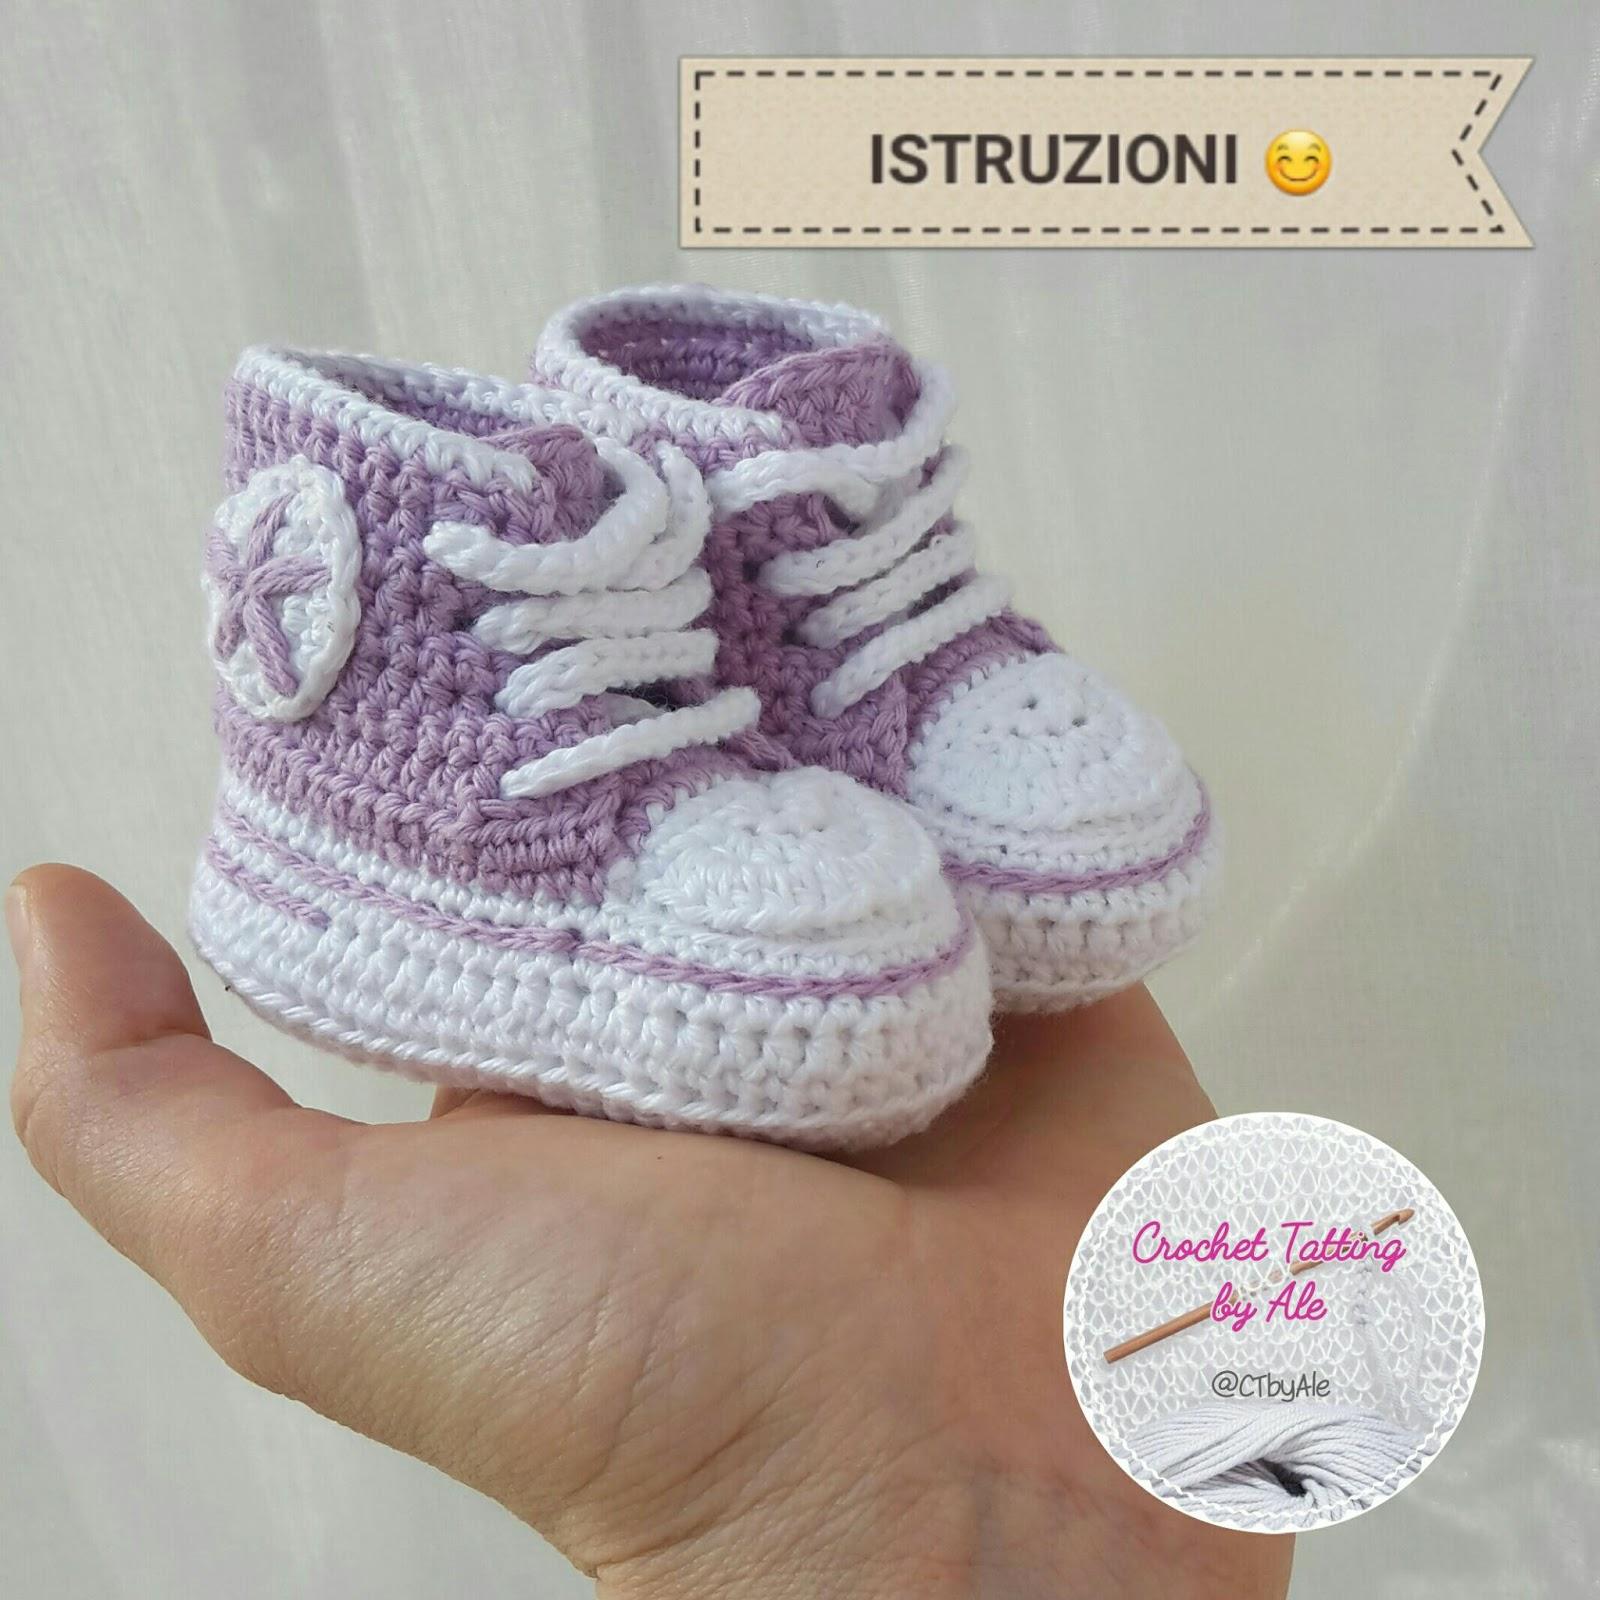 Favorito ♡ Crochet Tatting by Ale ♡: Scarpine CONVERSE uncinetto A MODO MIO AM18